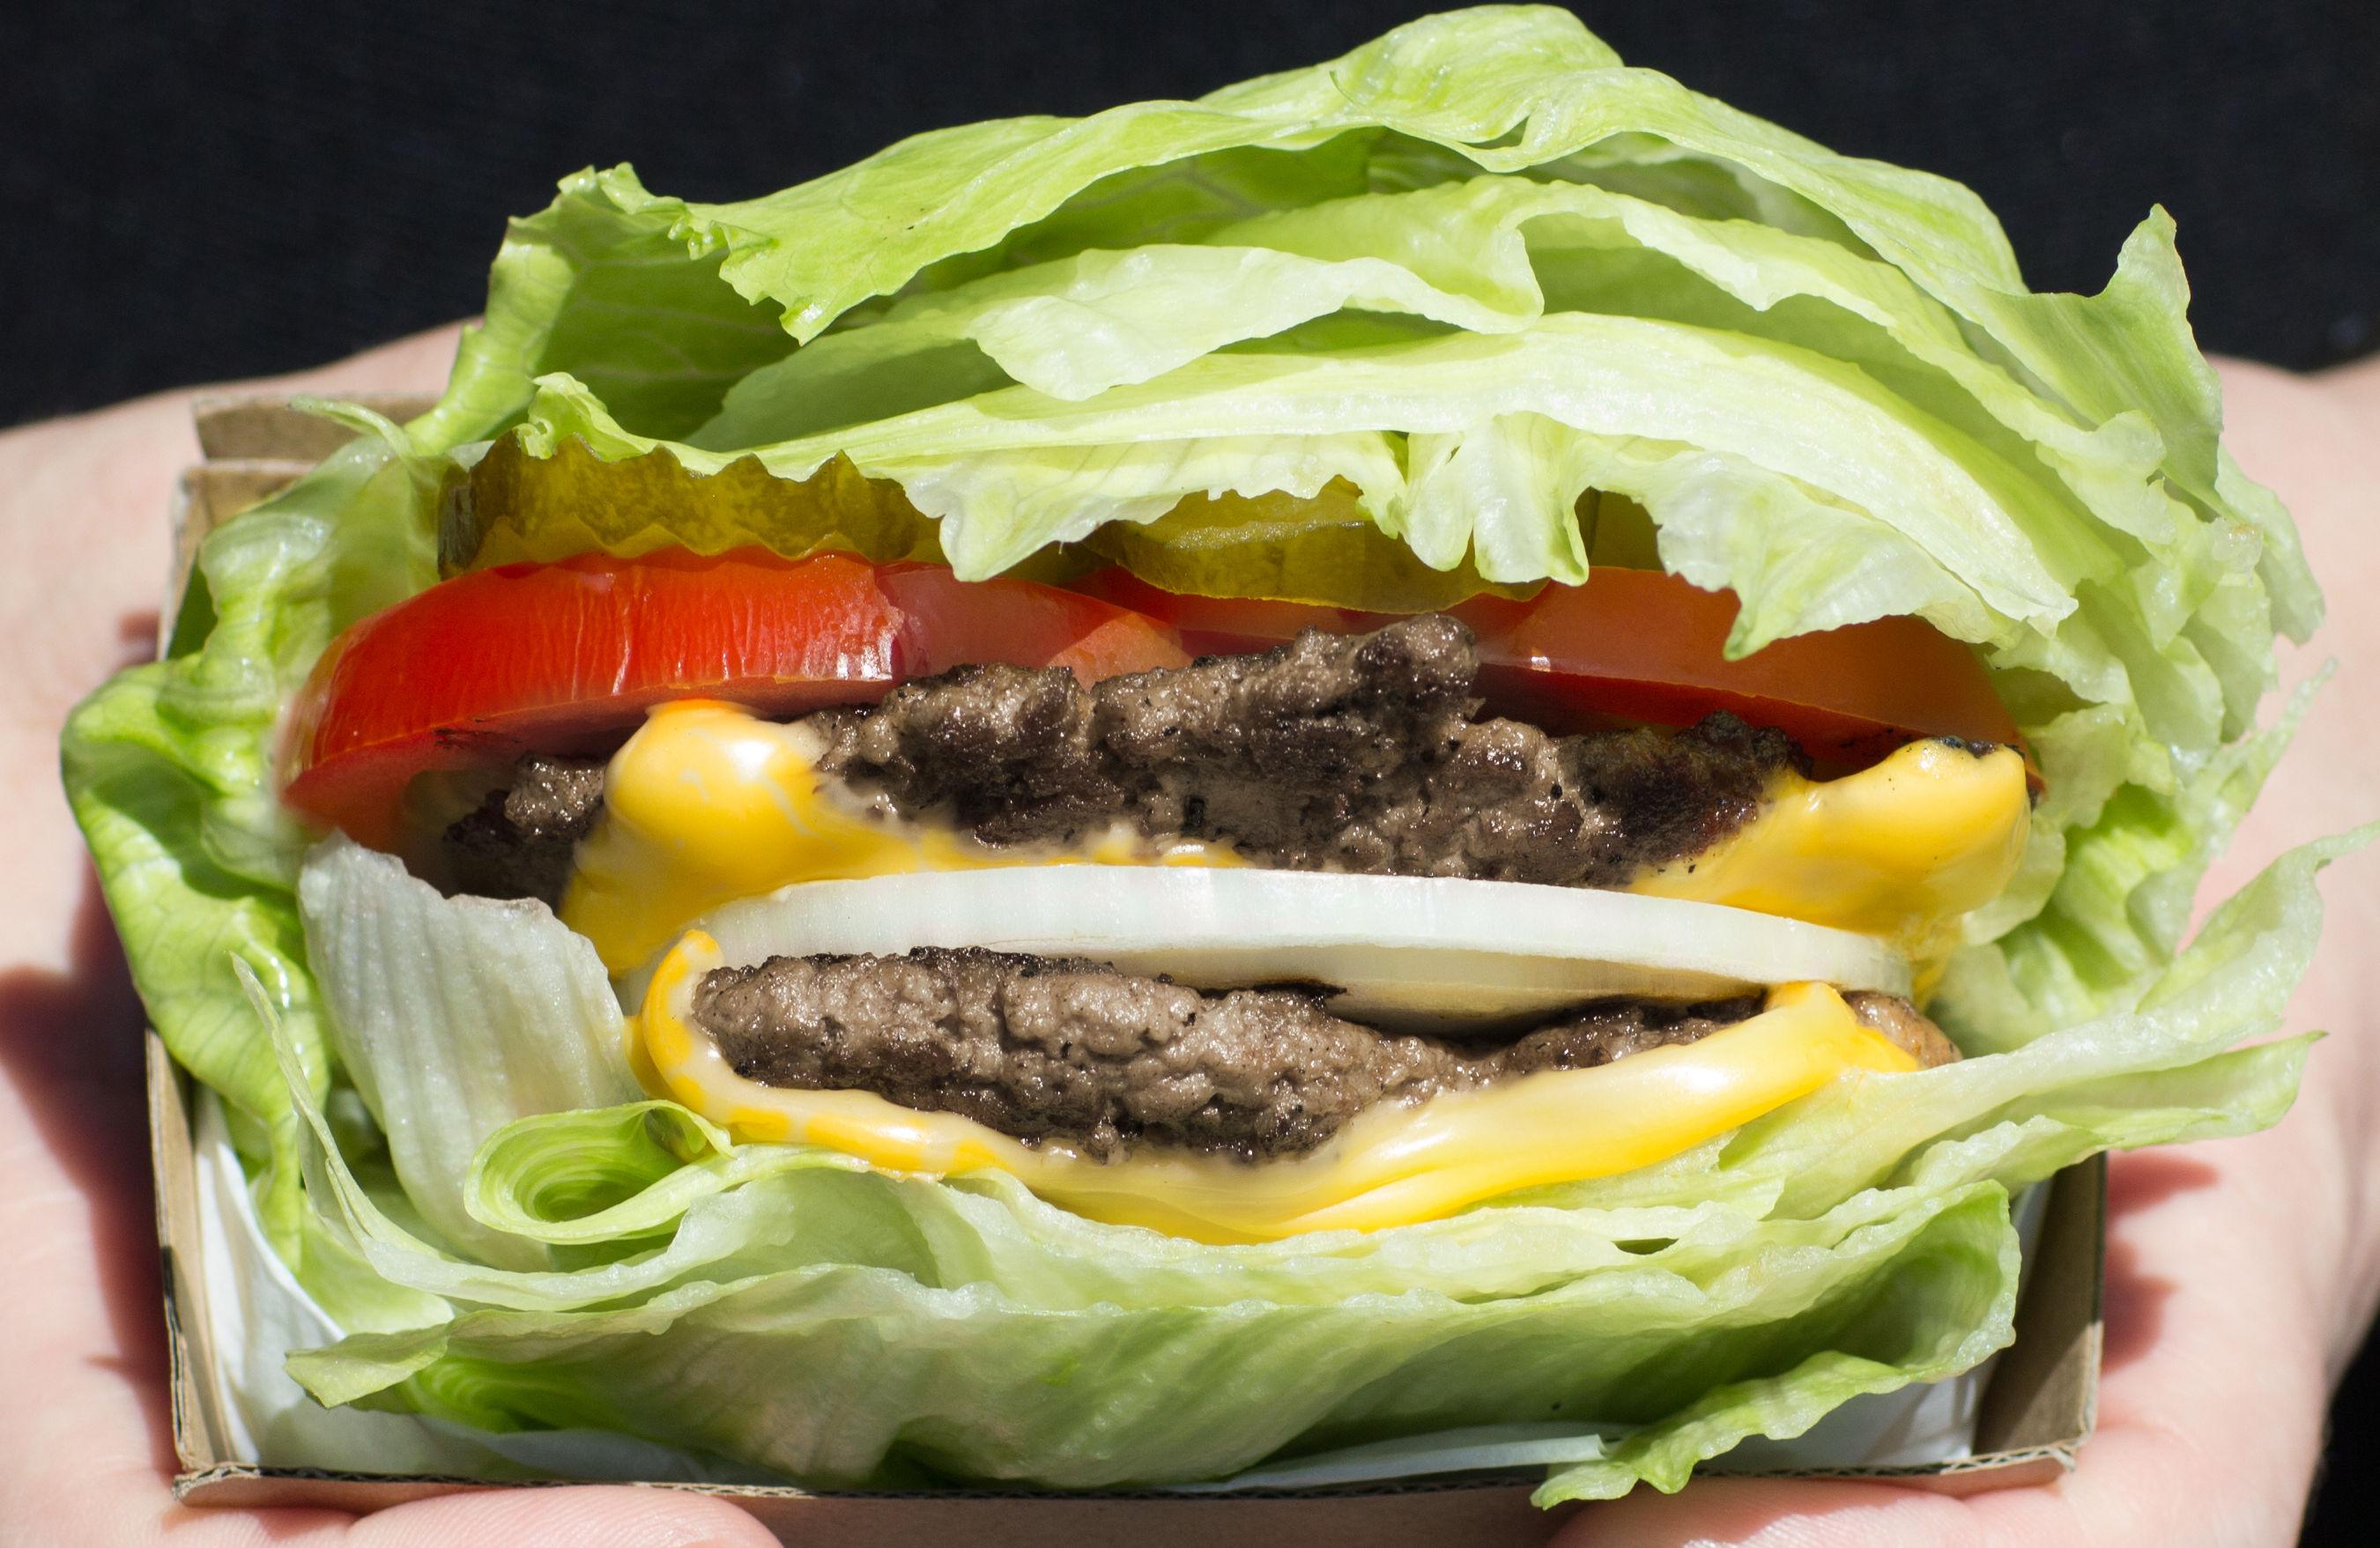 The Jai-Gantic Burger by Michael Jai White